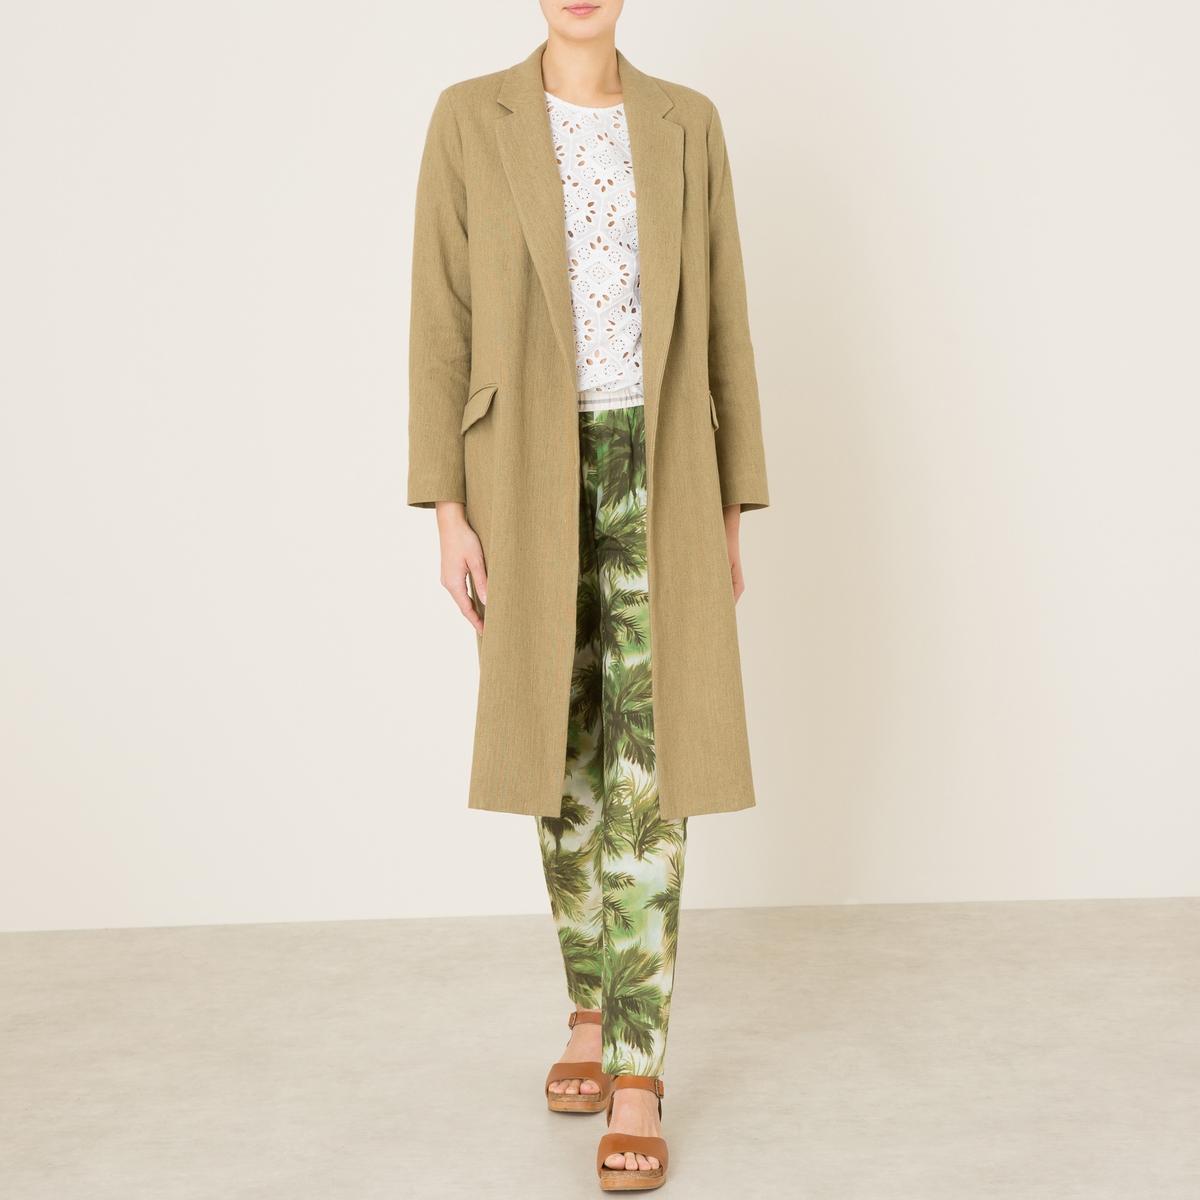 Пальто летнее длинноеДлинное летнее пальто POMANDERE - лен в составе, пиджачный воротник. Скрытая застёжка спереди. Горизонтальные прорезные карманы. Длинное пальто прямого и широкого покроя. Состав и описание   Материал : 57% льна, 43% хлопкаМарка : POMANDERE<br><br>Цвет: бежевый